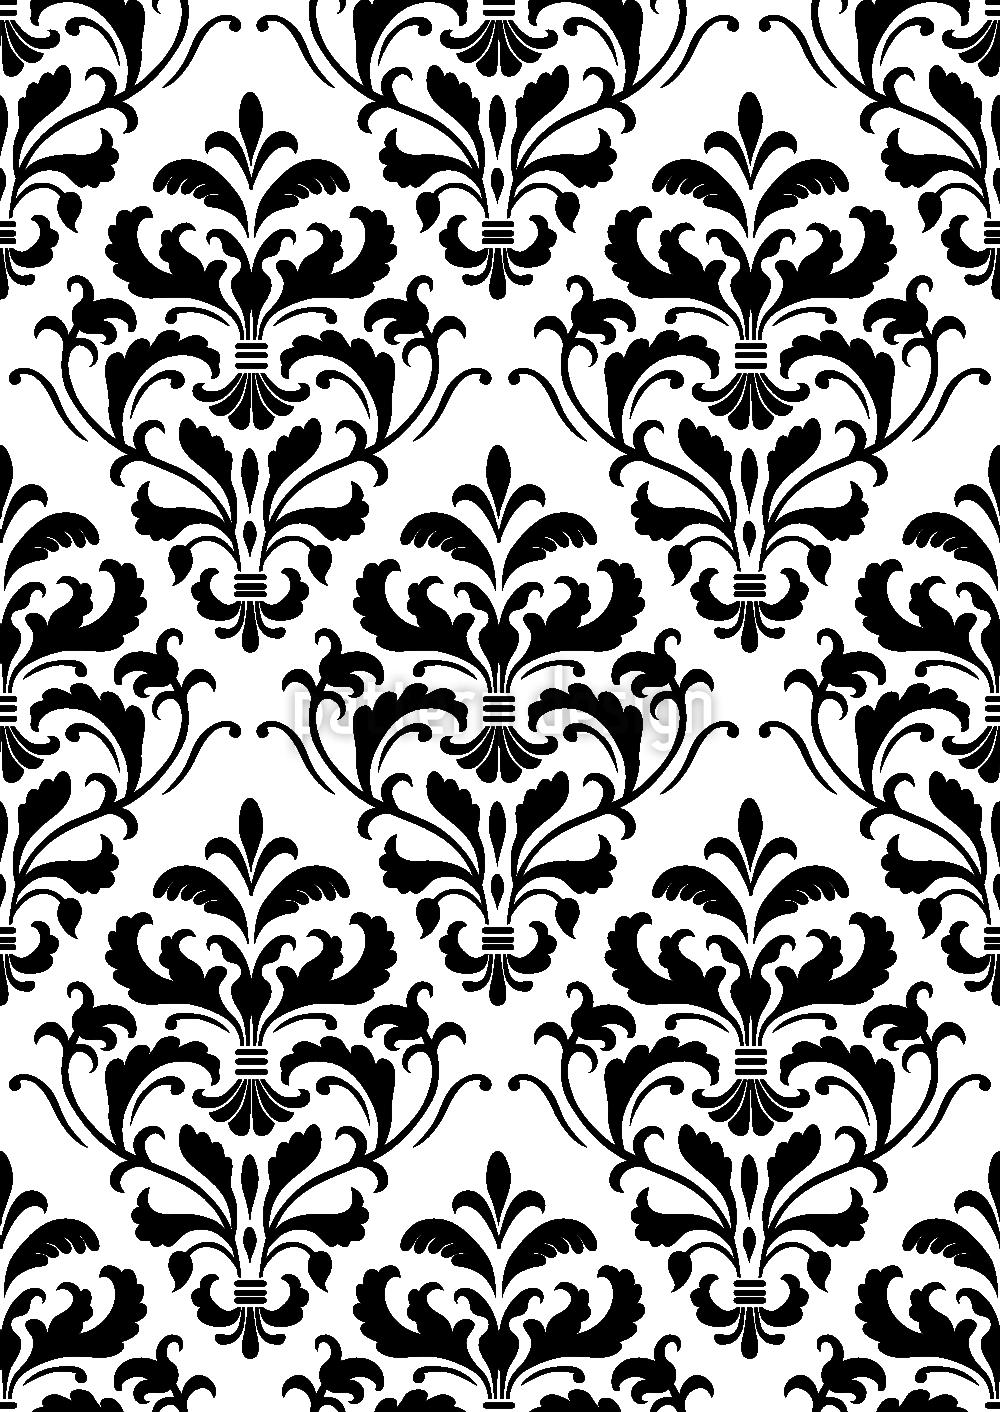 Schwarz Weiss Barock Umfarbbarer Baumwollstoff Viskose O Baumwoll Jersey Designt Von Martina Gadermeier Www Stoff Love Barock Vektormuster Schwarz Weisse Vorhange